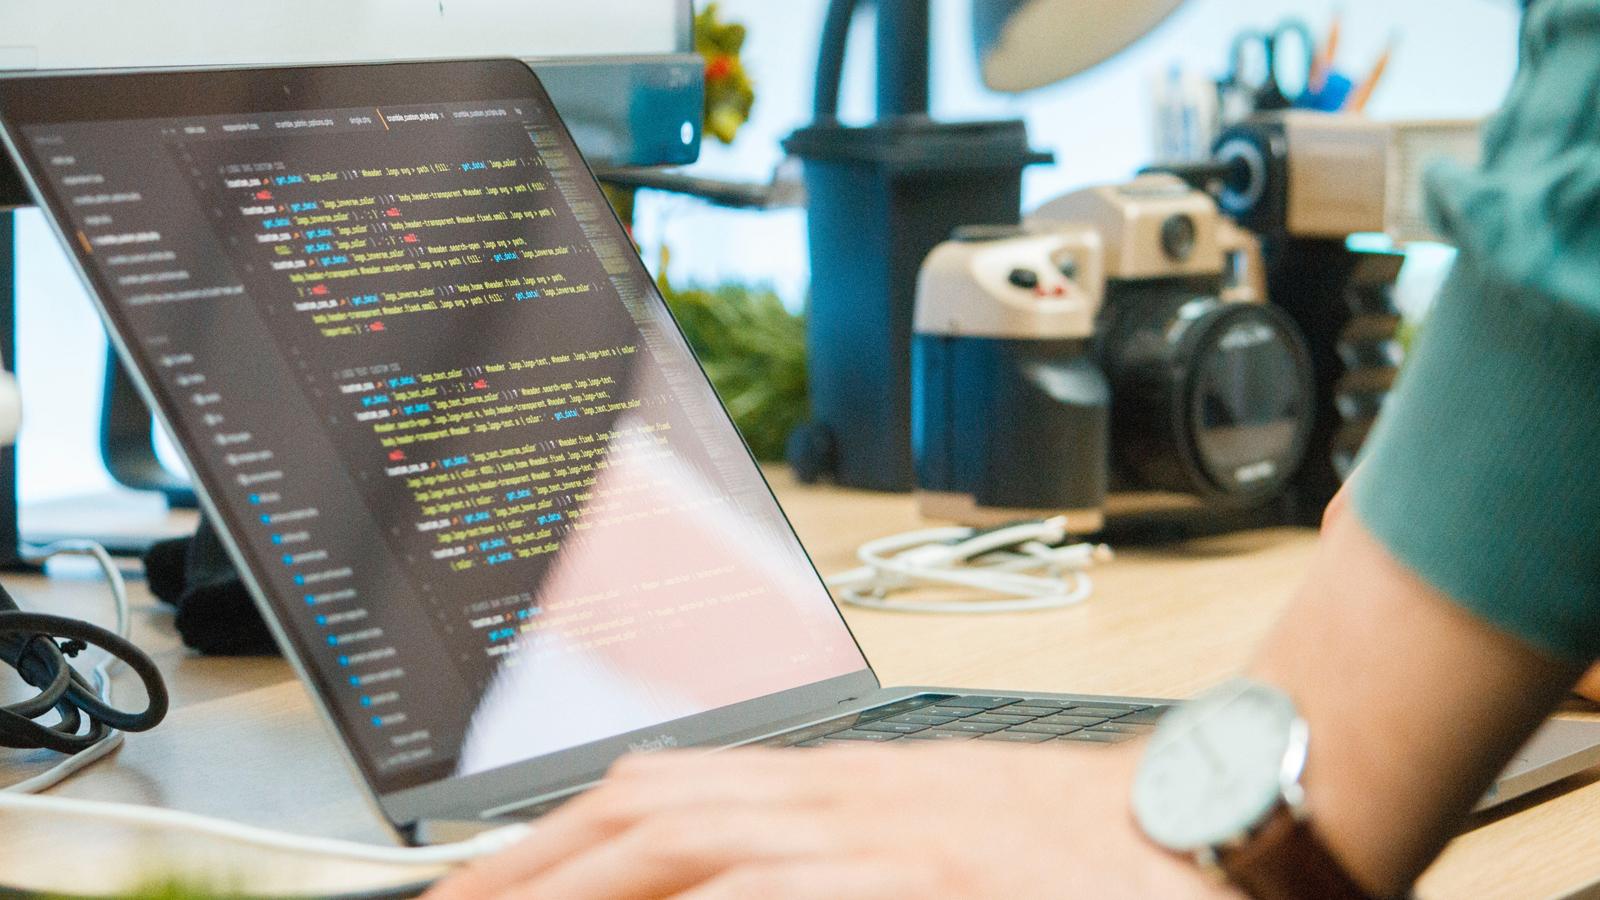 The Best Laptops For Programming In 2020 Laptrinhx